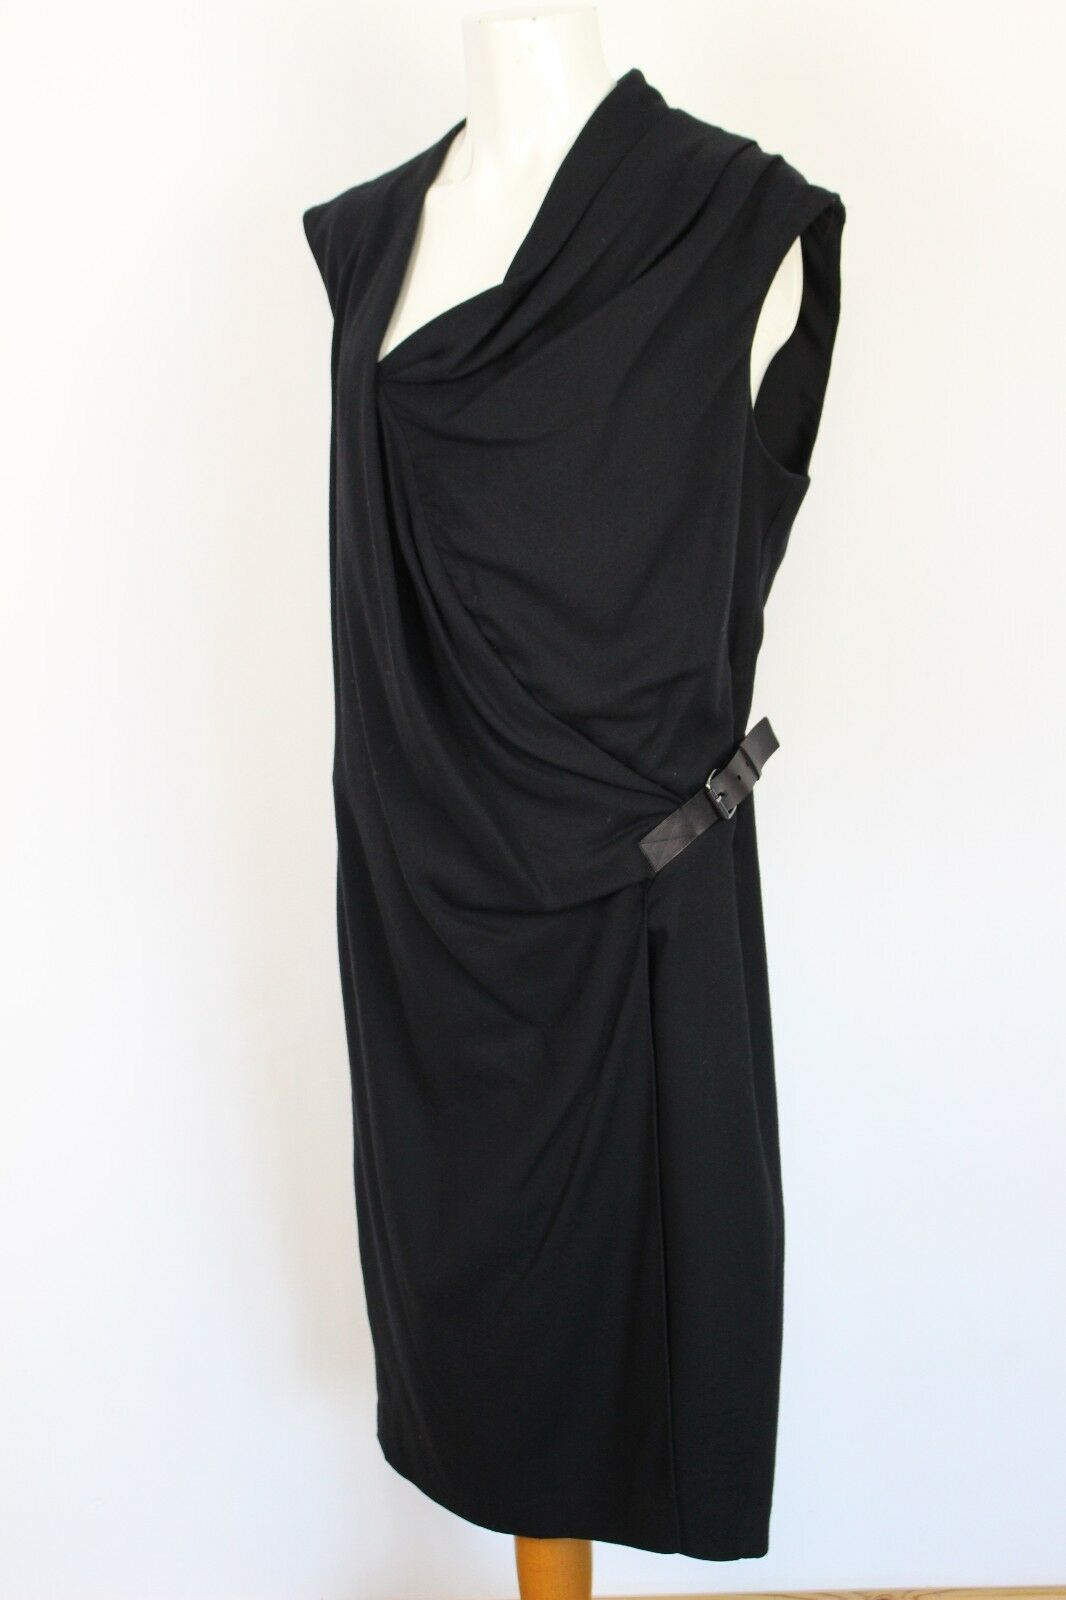 HELMUT LANG Stunning VIRGIN WOOL BLEND Black Belted DRESS - Size UK 6 -  LBD